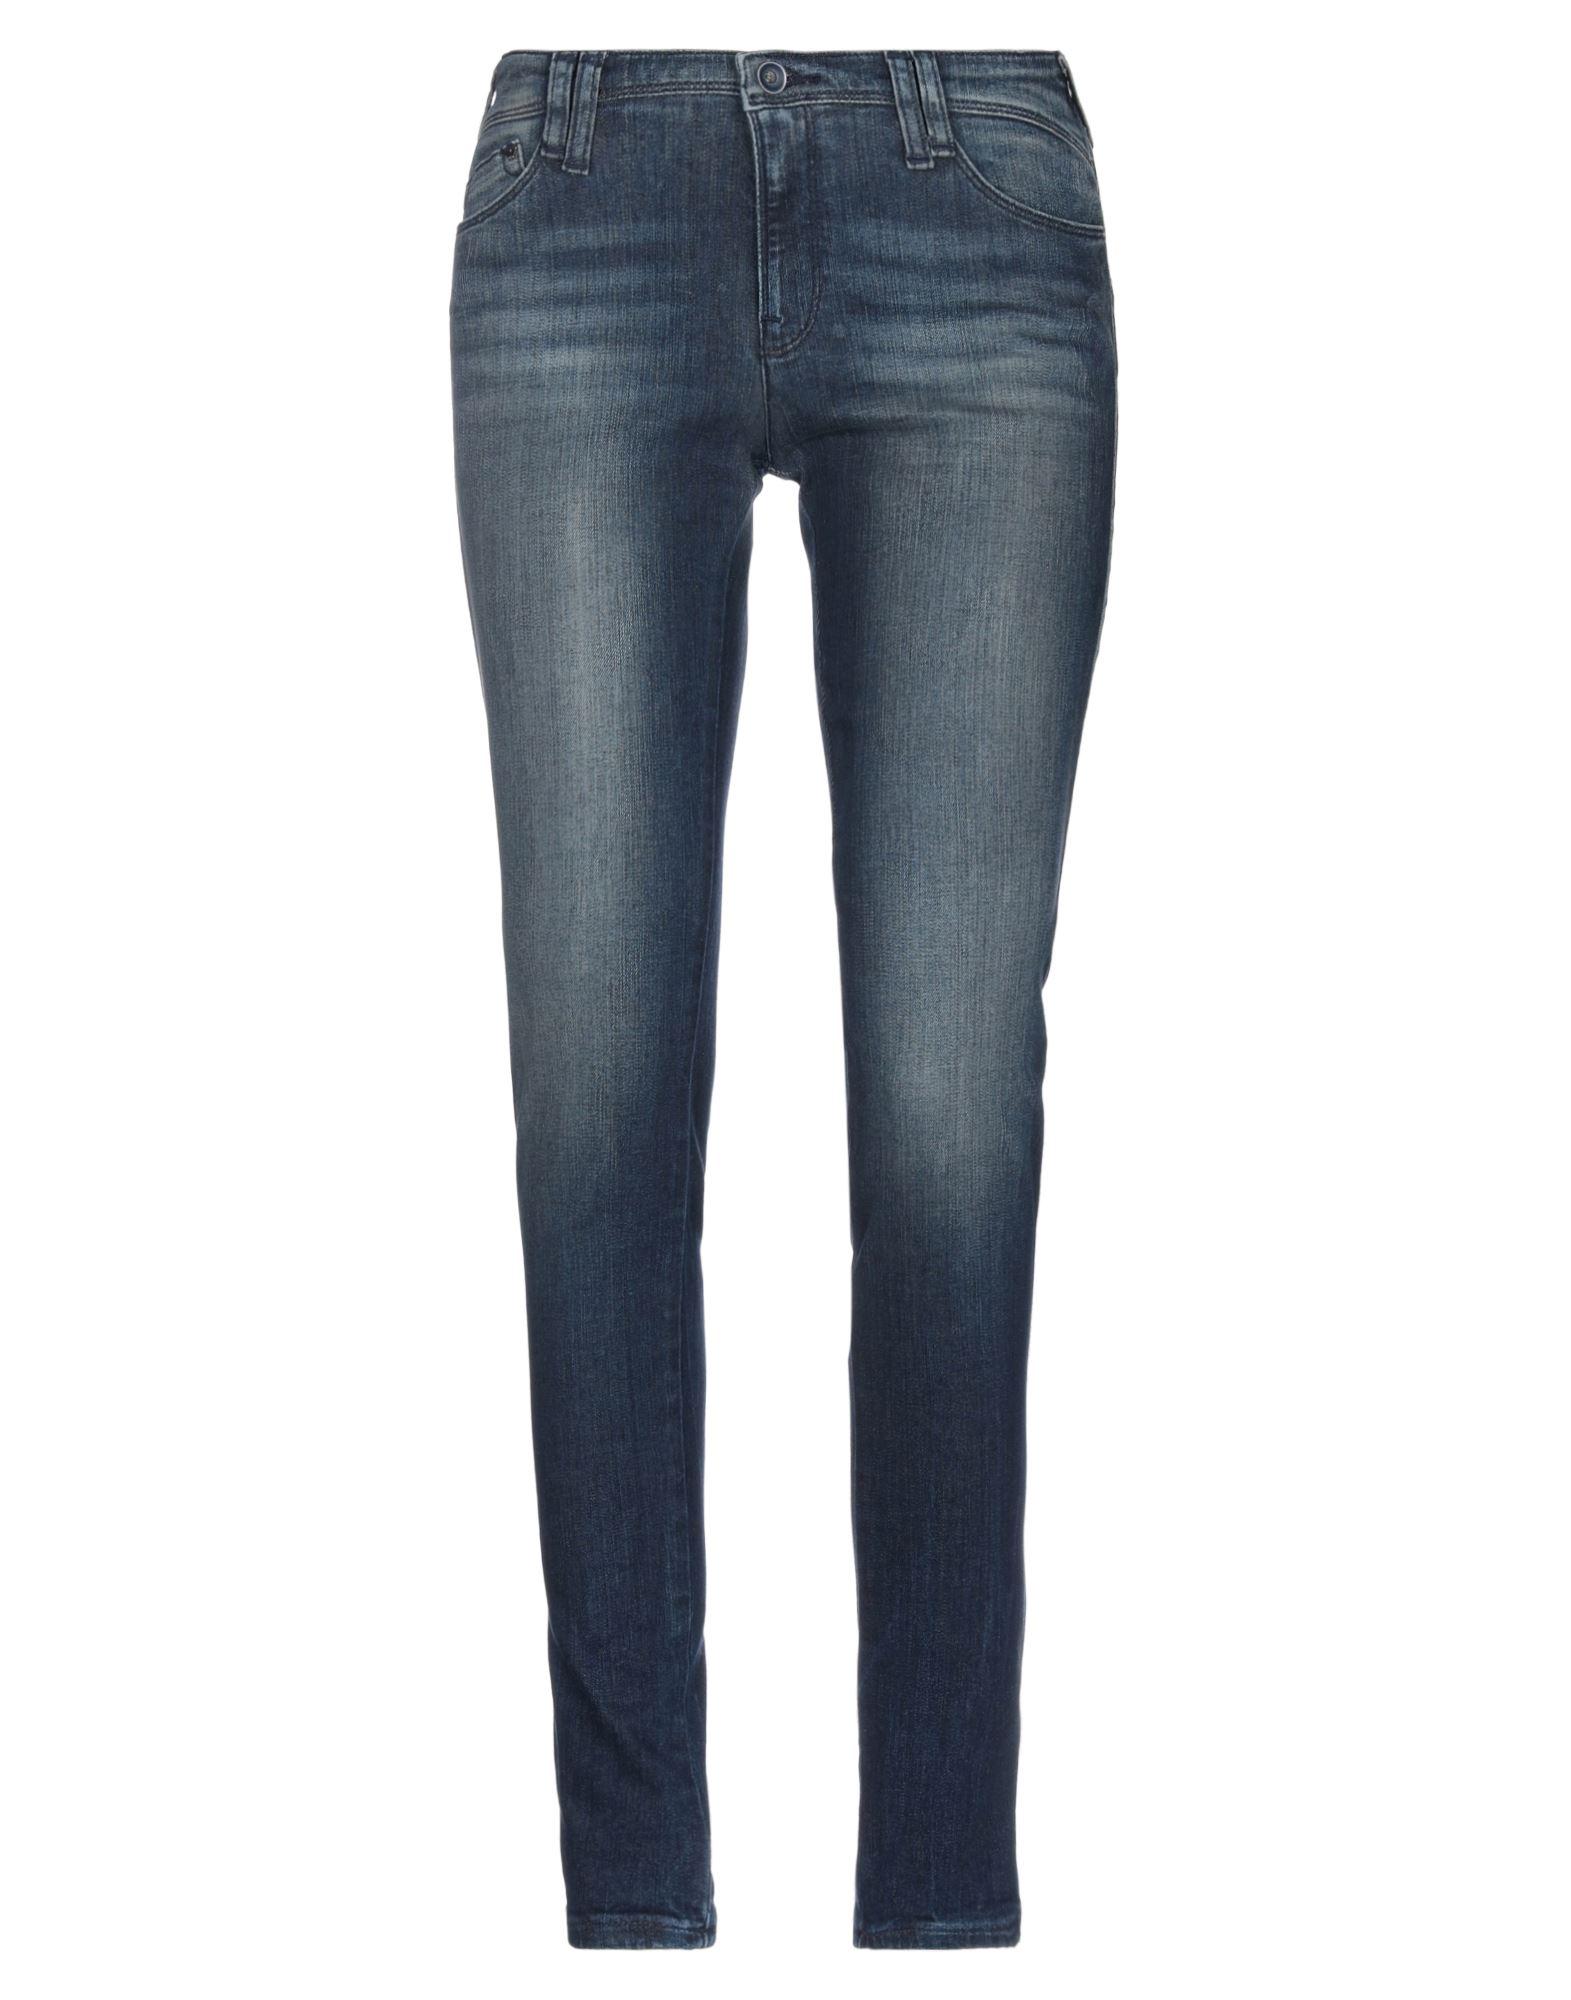 ARMANI JEANS Джинсовые брюки ремень женский armani jeans цвет черный 75104 c2 12 размер i 75